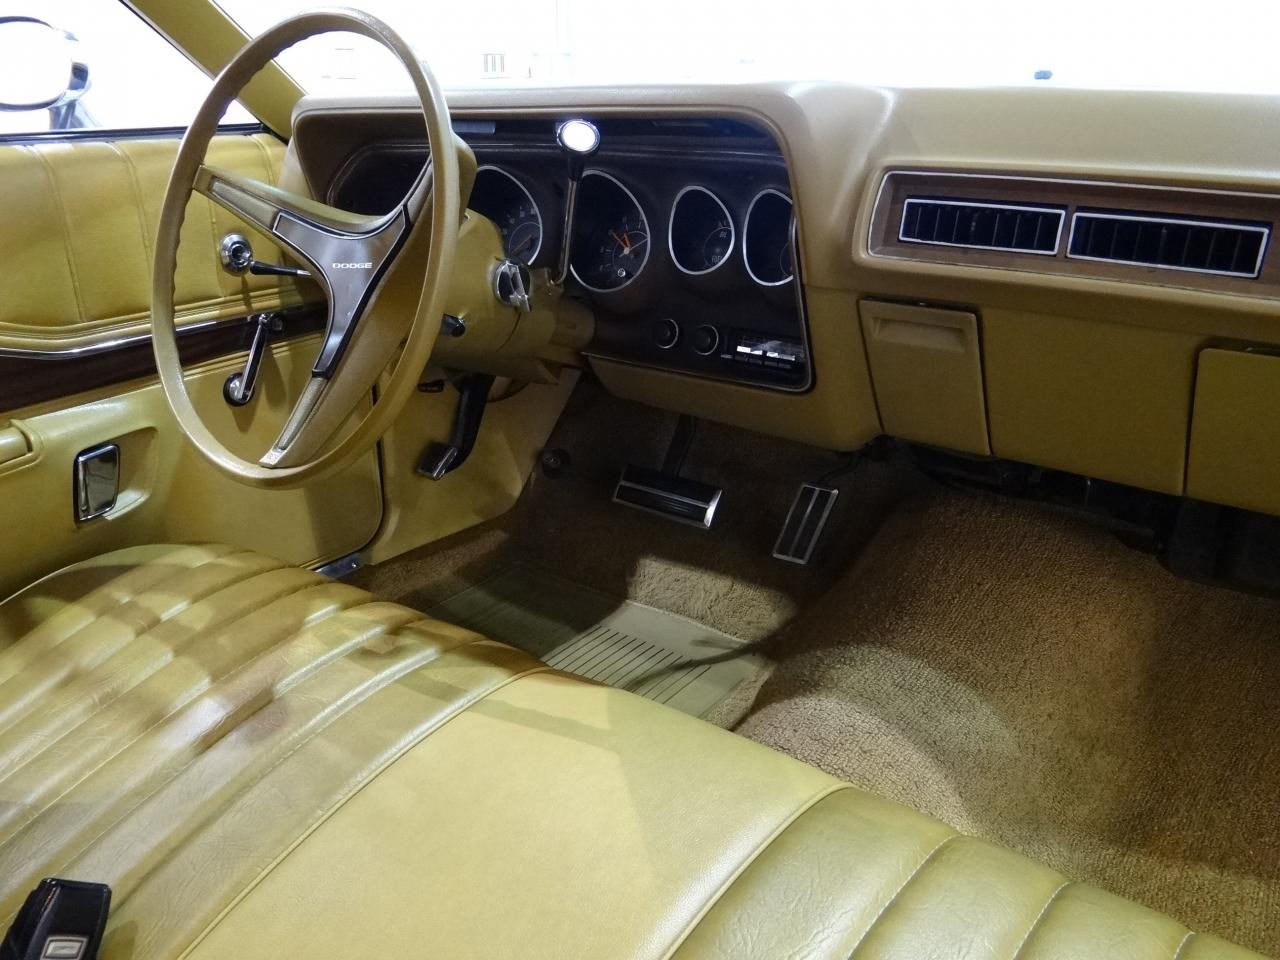 1973 Dodge Charger Se 26448 Miles Gold 2dr 318 Cid V8 3 Speed Automatic